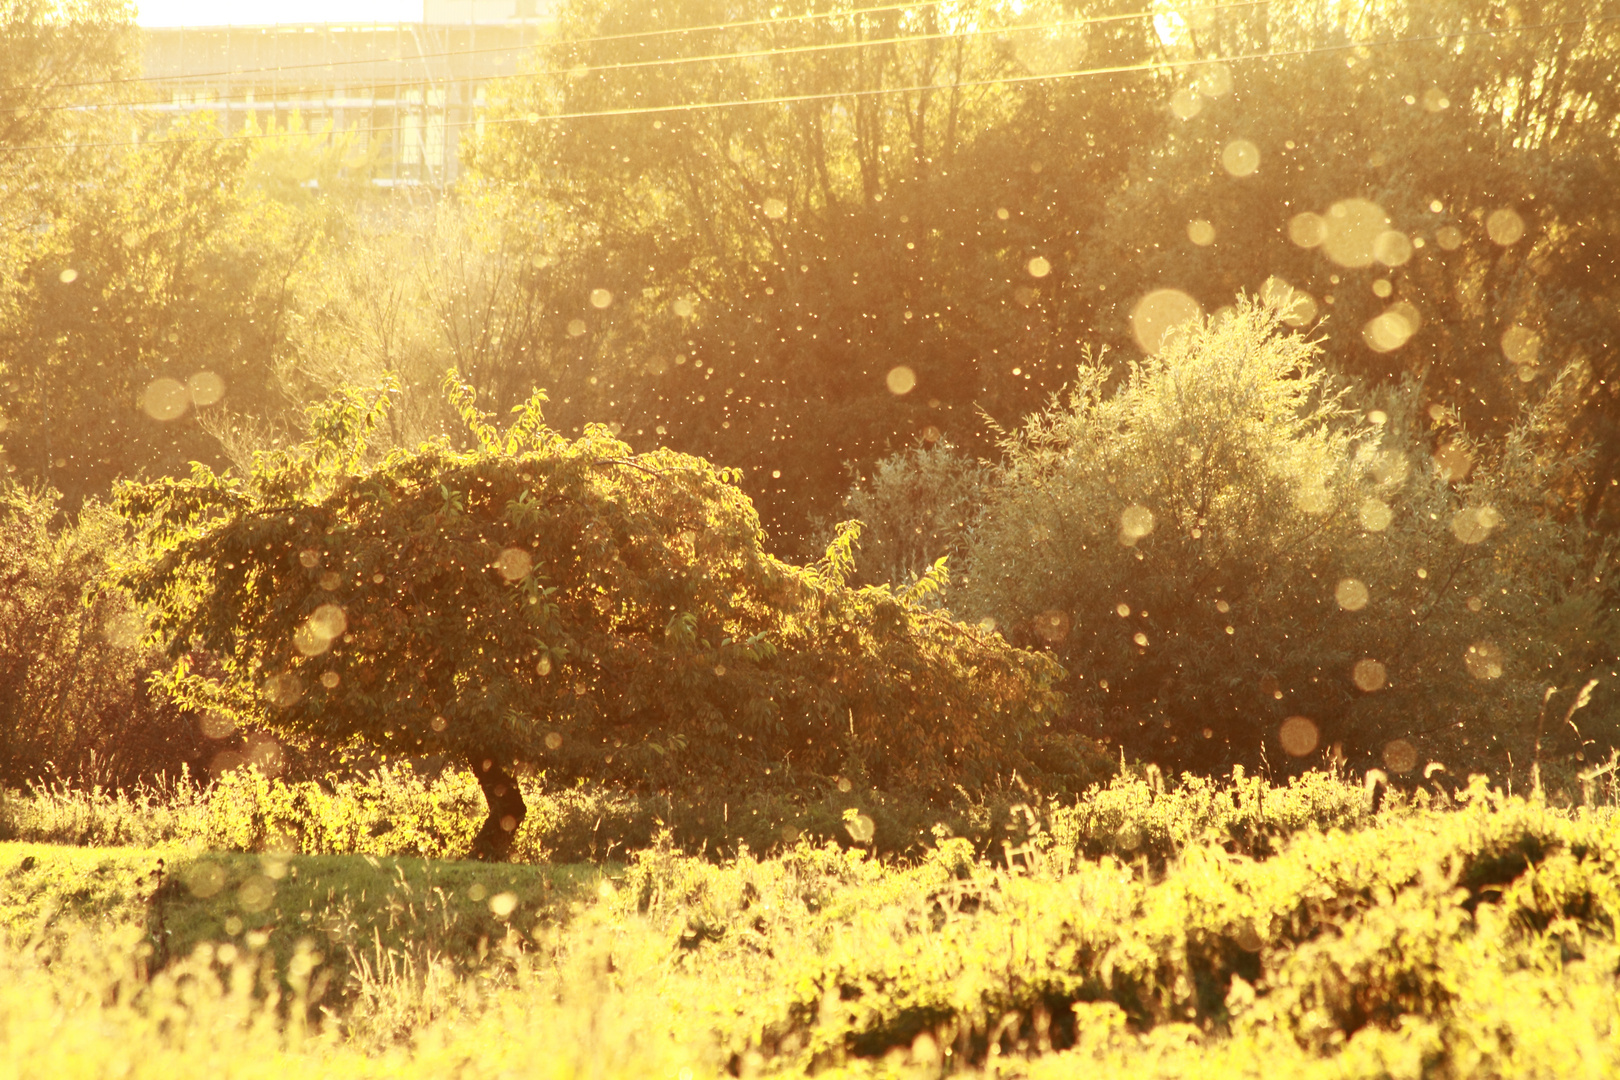 tanzende Mücken im Herbst